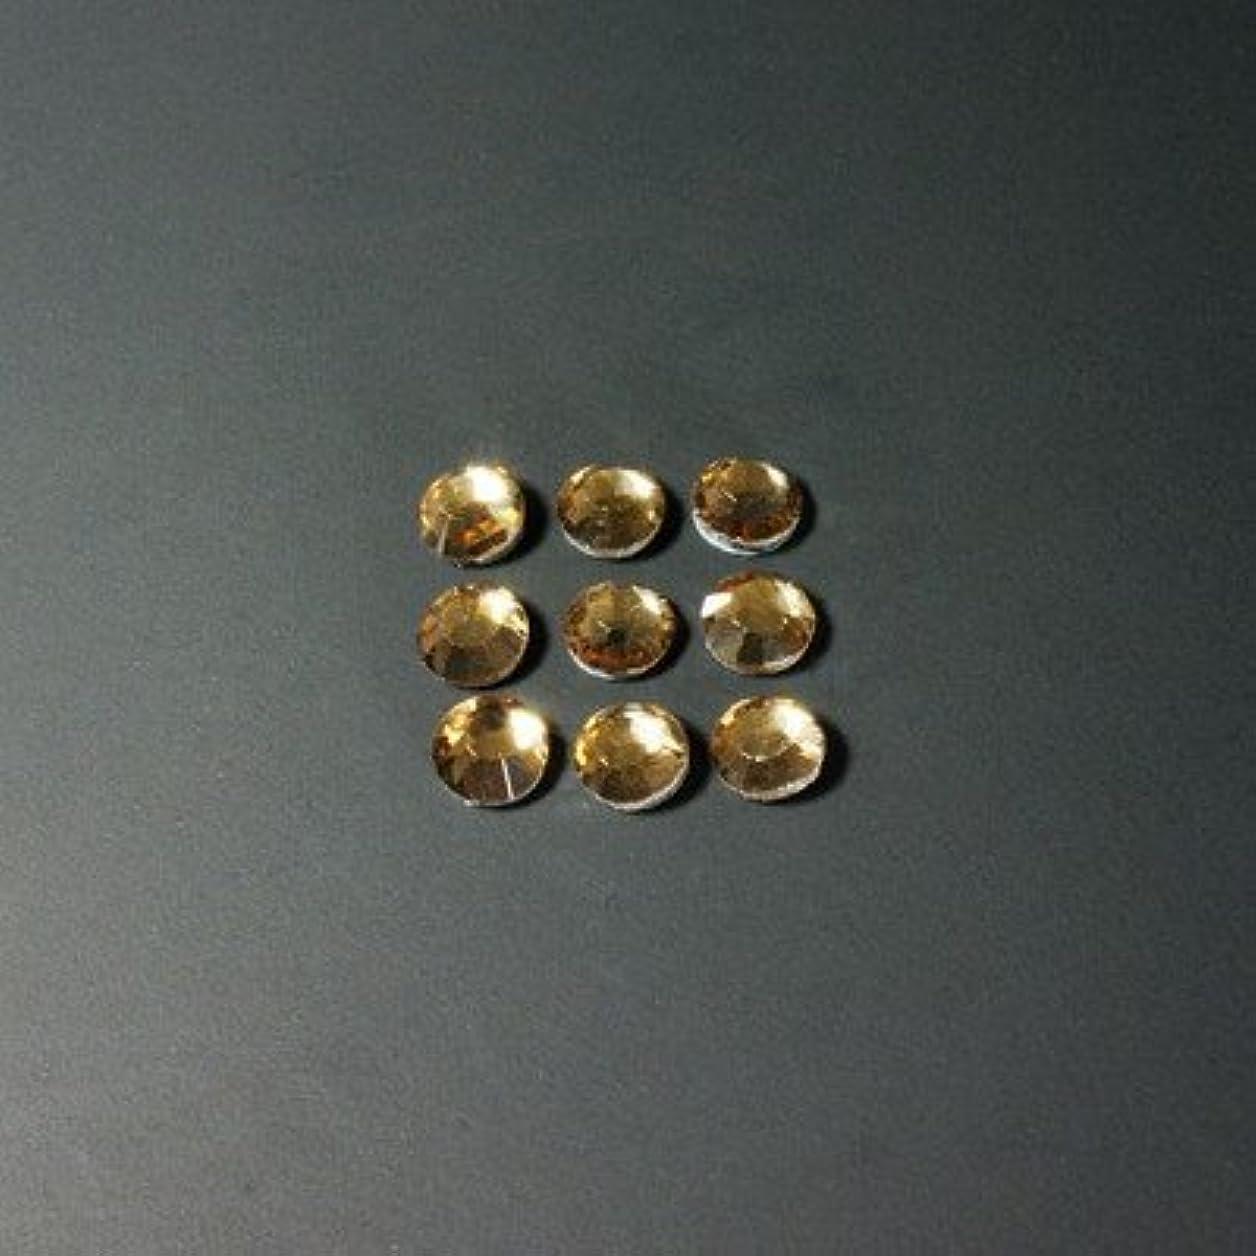 強い終わり弱いYa Hua Tewel デコ ラインストーン machine cut stone 3.5mm 60個